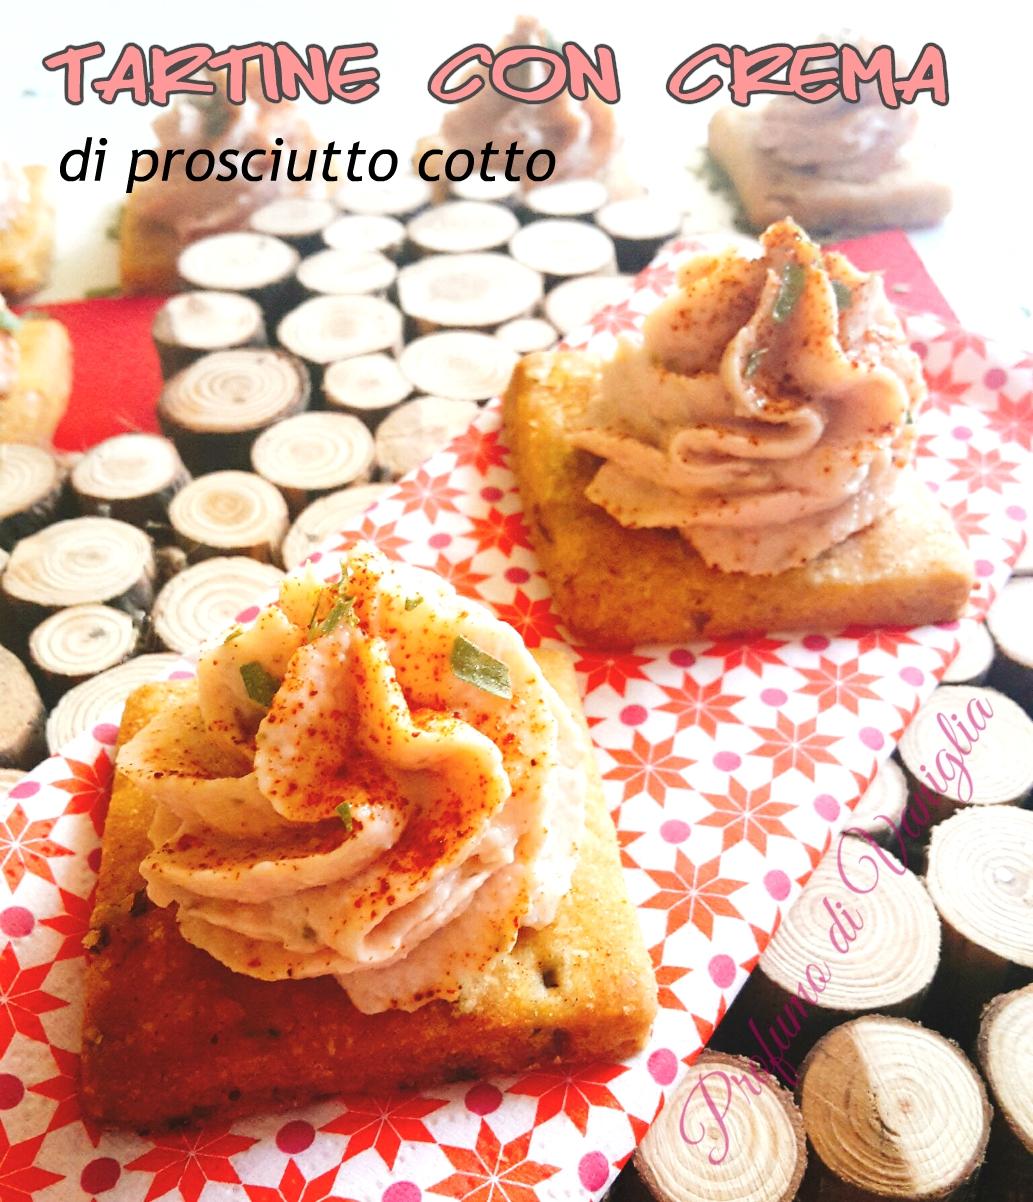 tartine con crema di prosciutto cotto